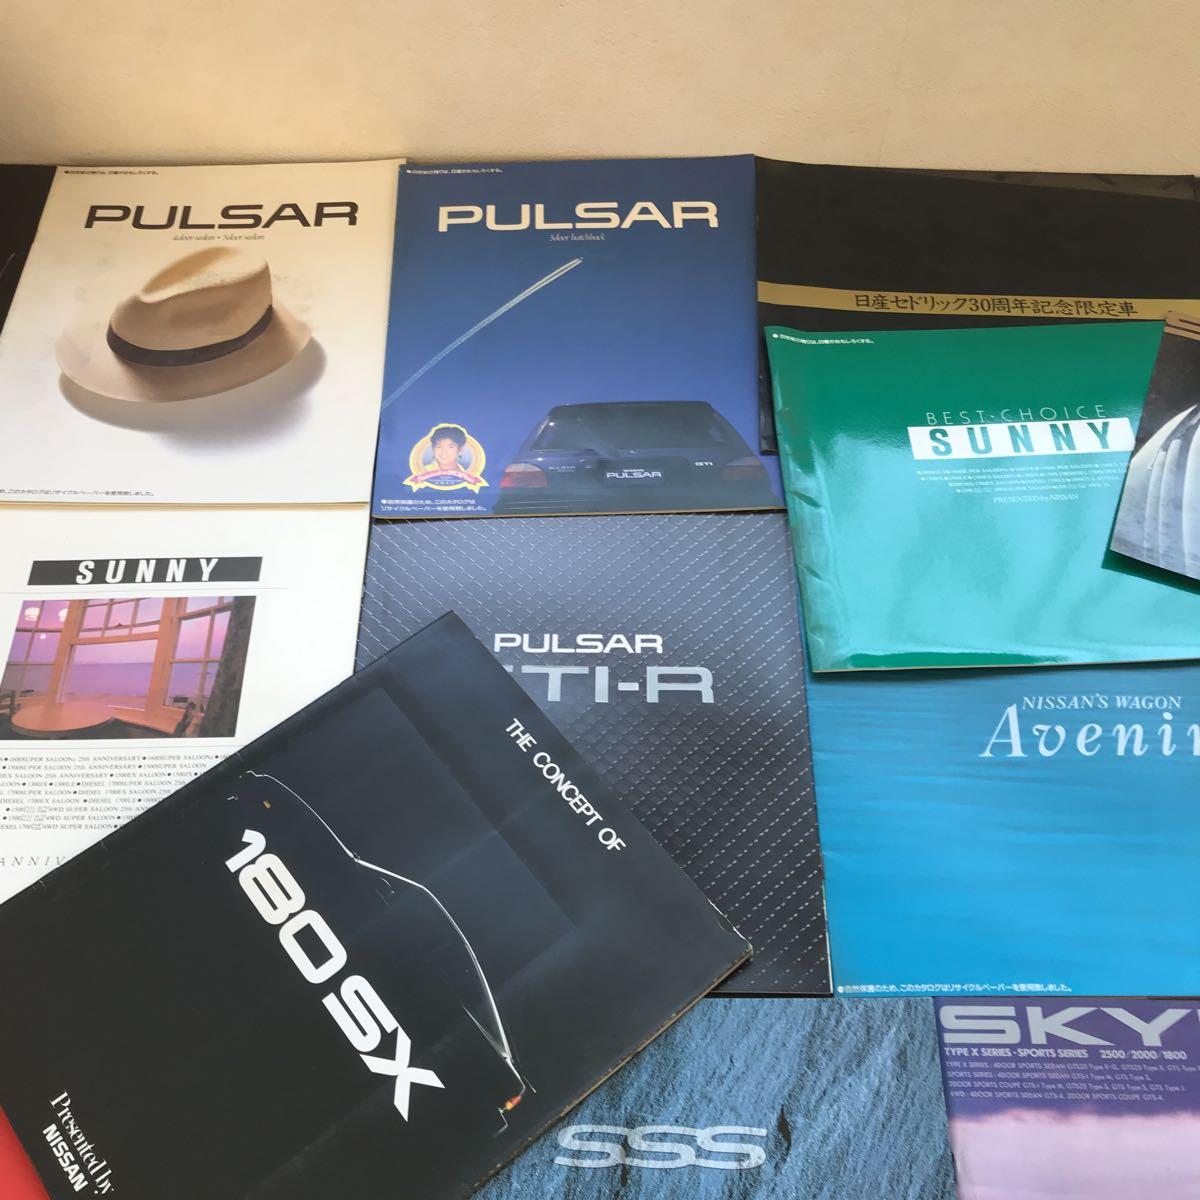 自動車 カタログ NISSAN スカイライン シルビア セドリック フェアレディZ等 26枚セット 日産_画像5